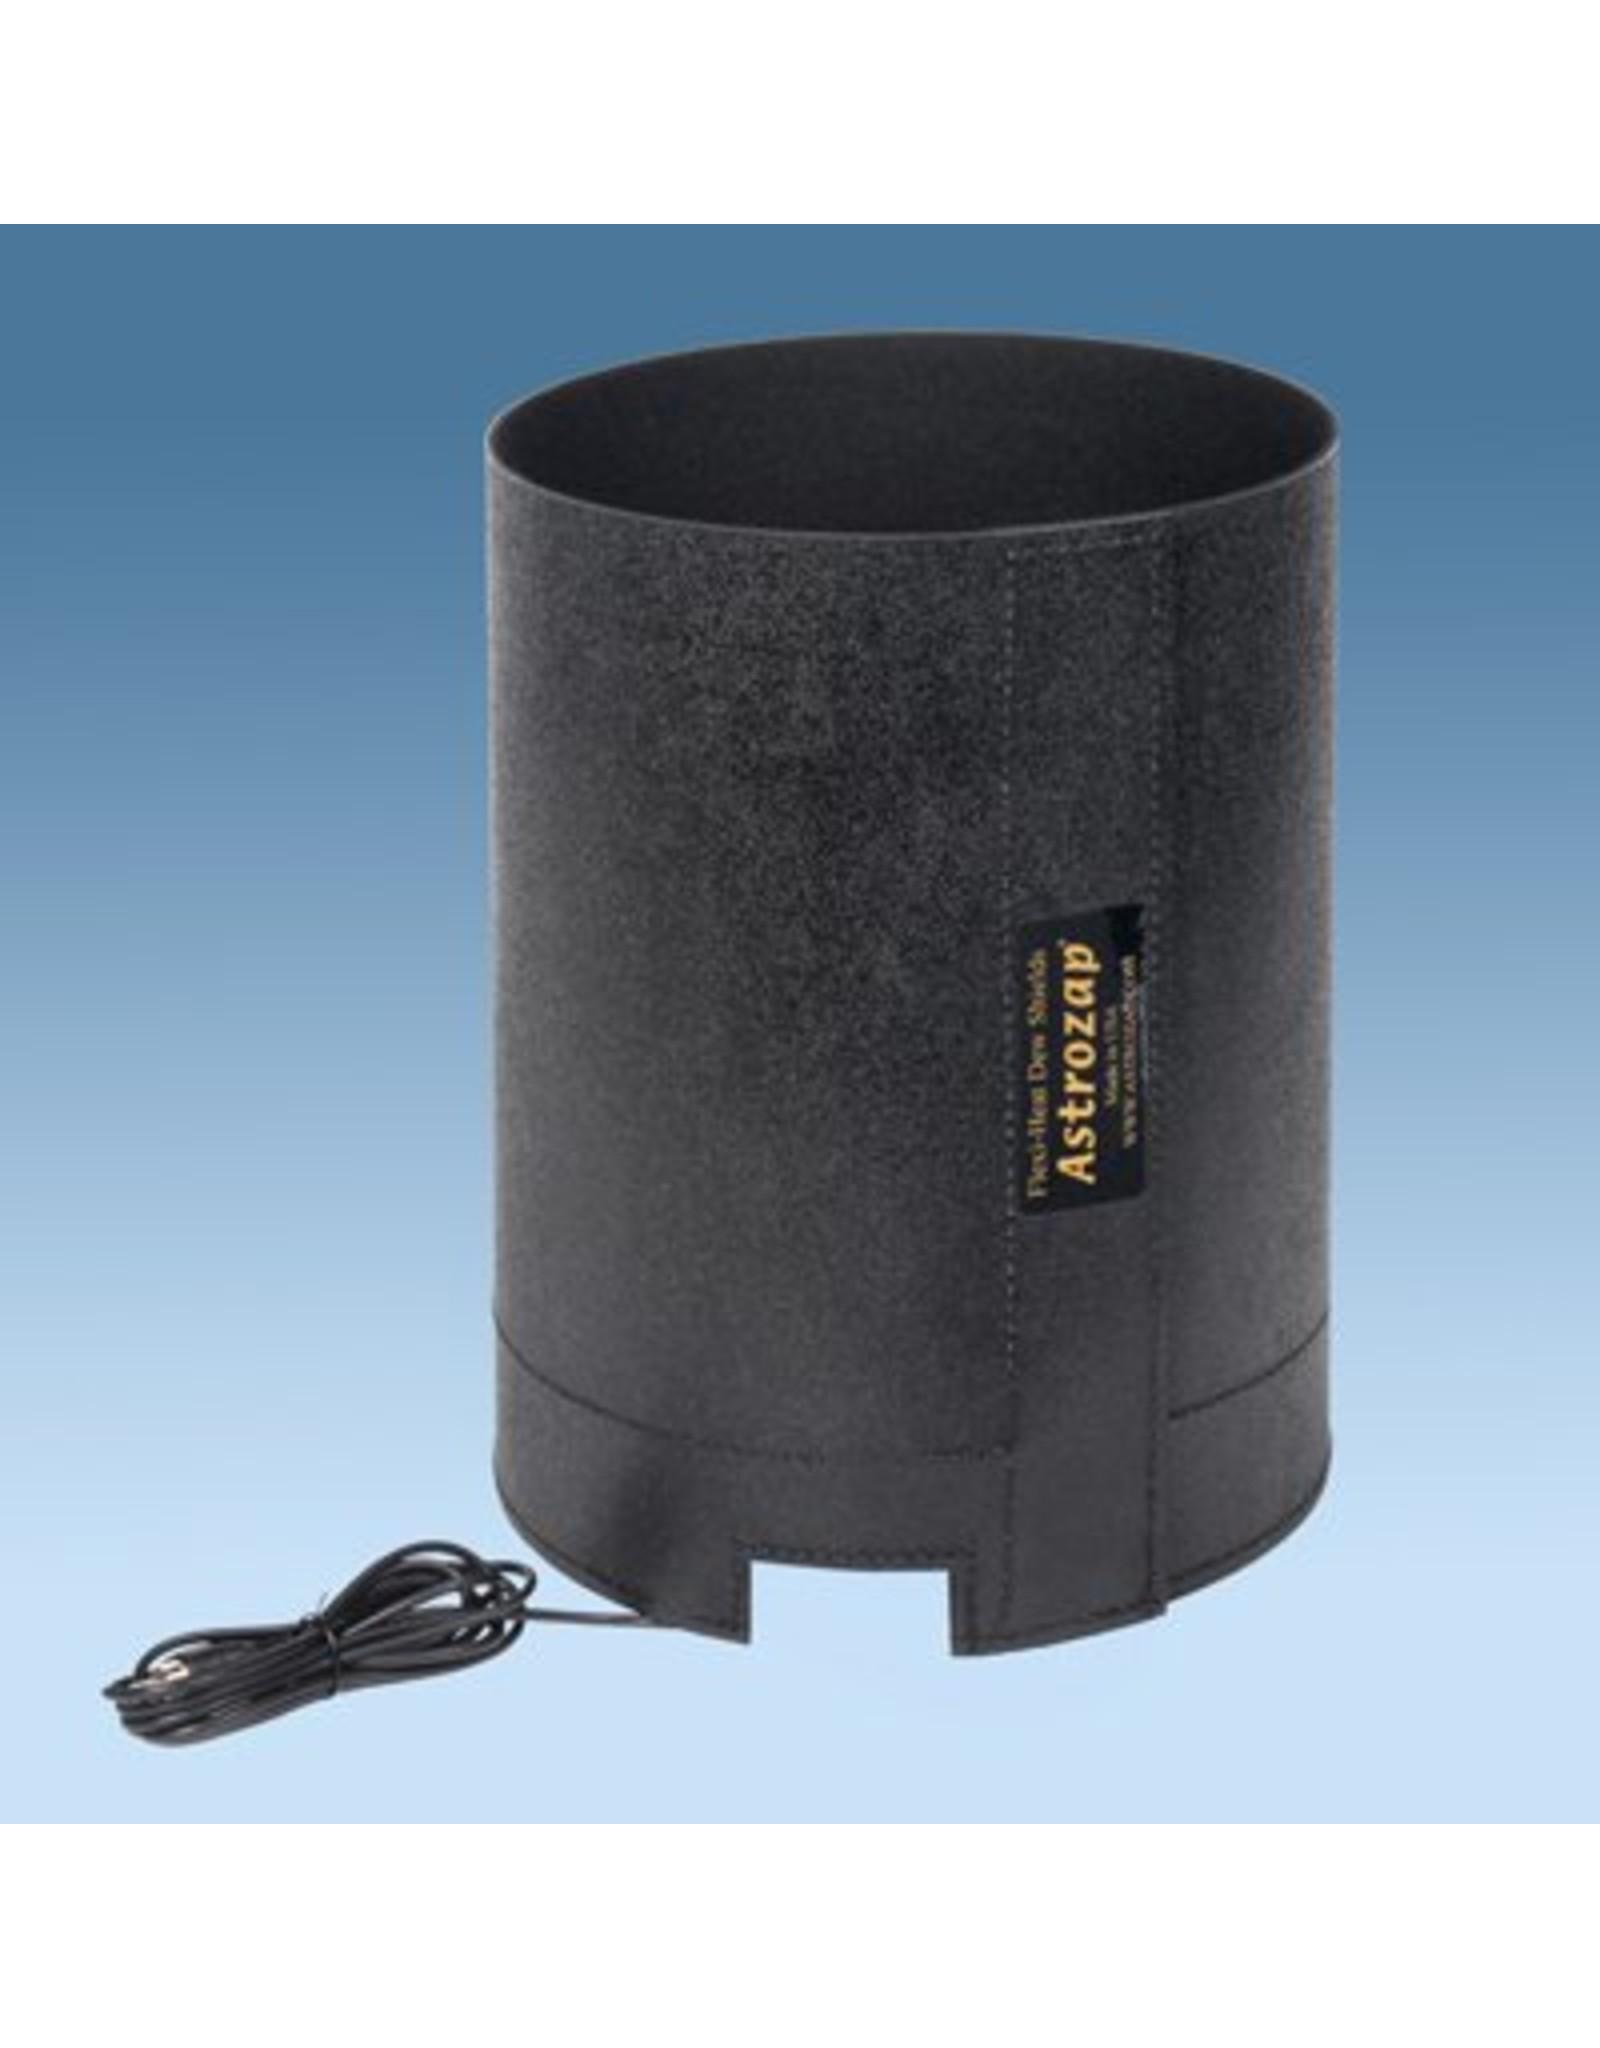 Astrozap AZ-814-N1 Flexi-Heat Celestron 14 Sct CGE & HD Dew Shield (One notch)